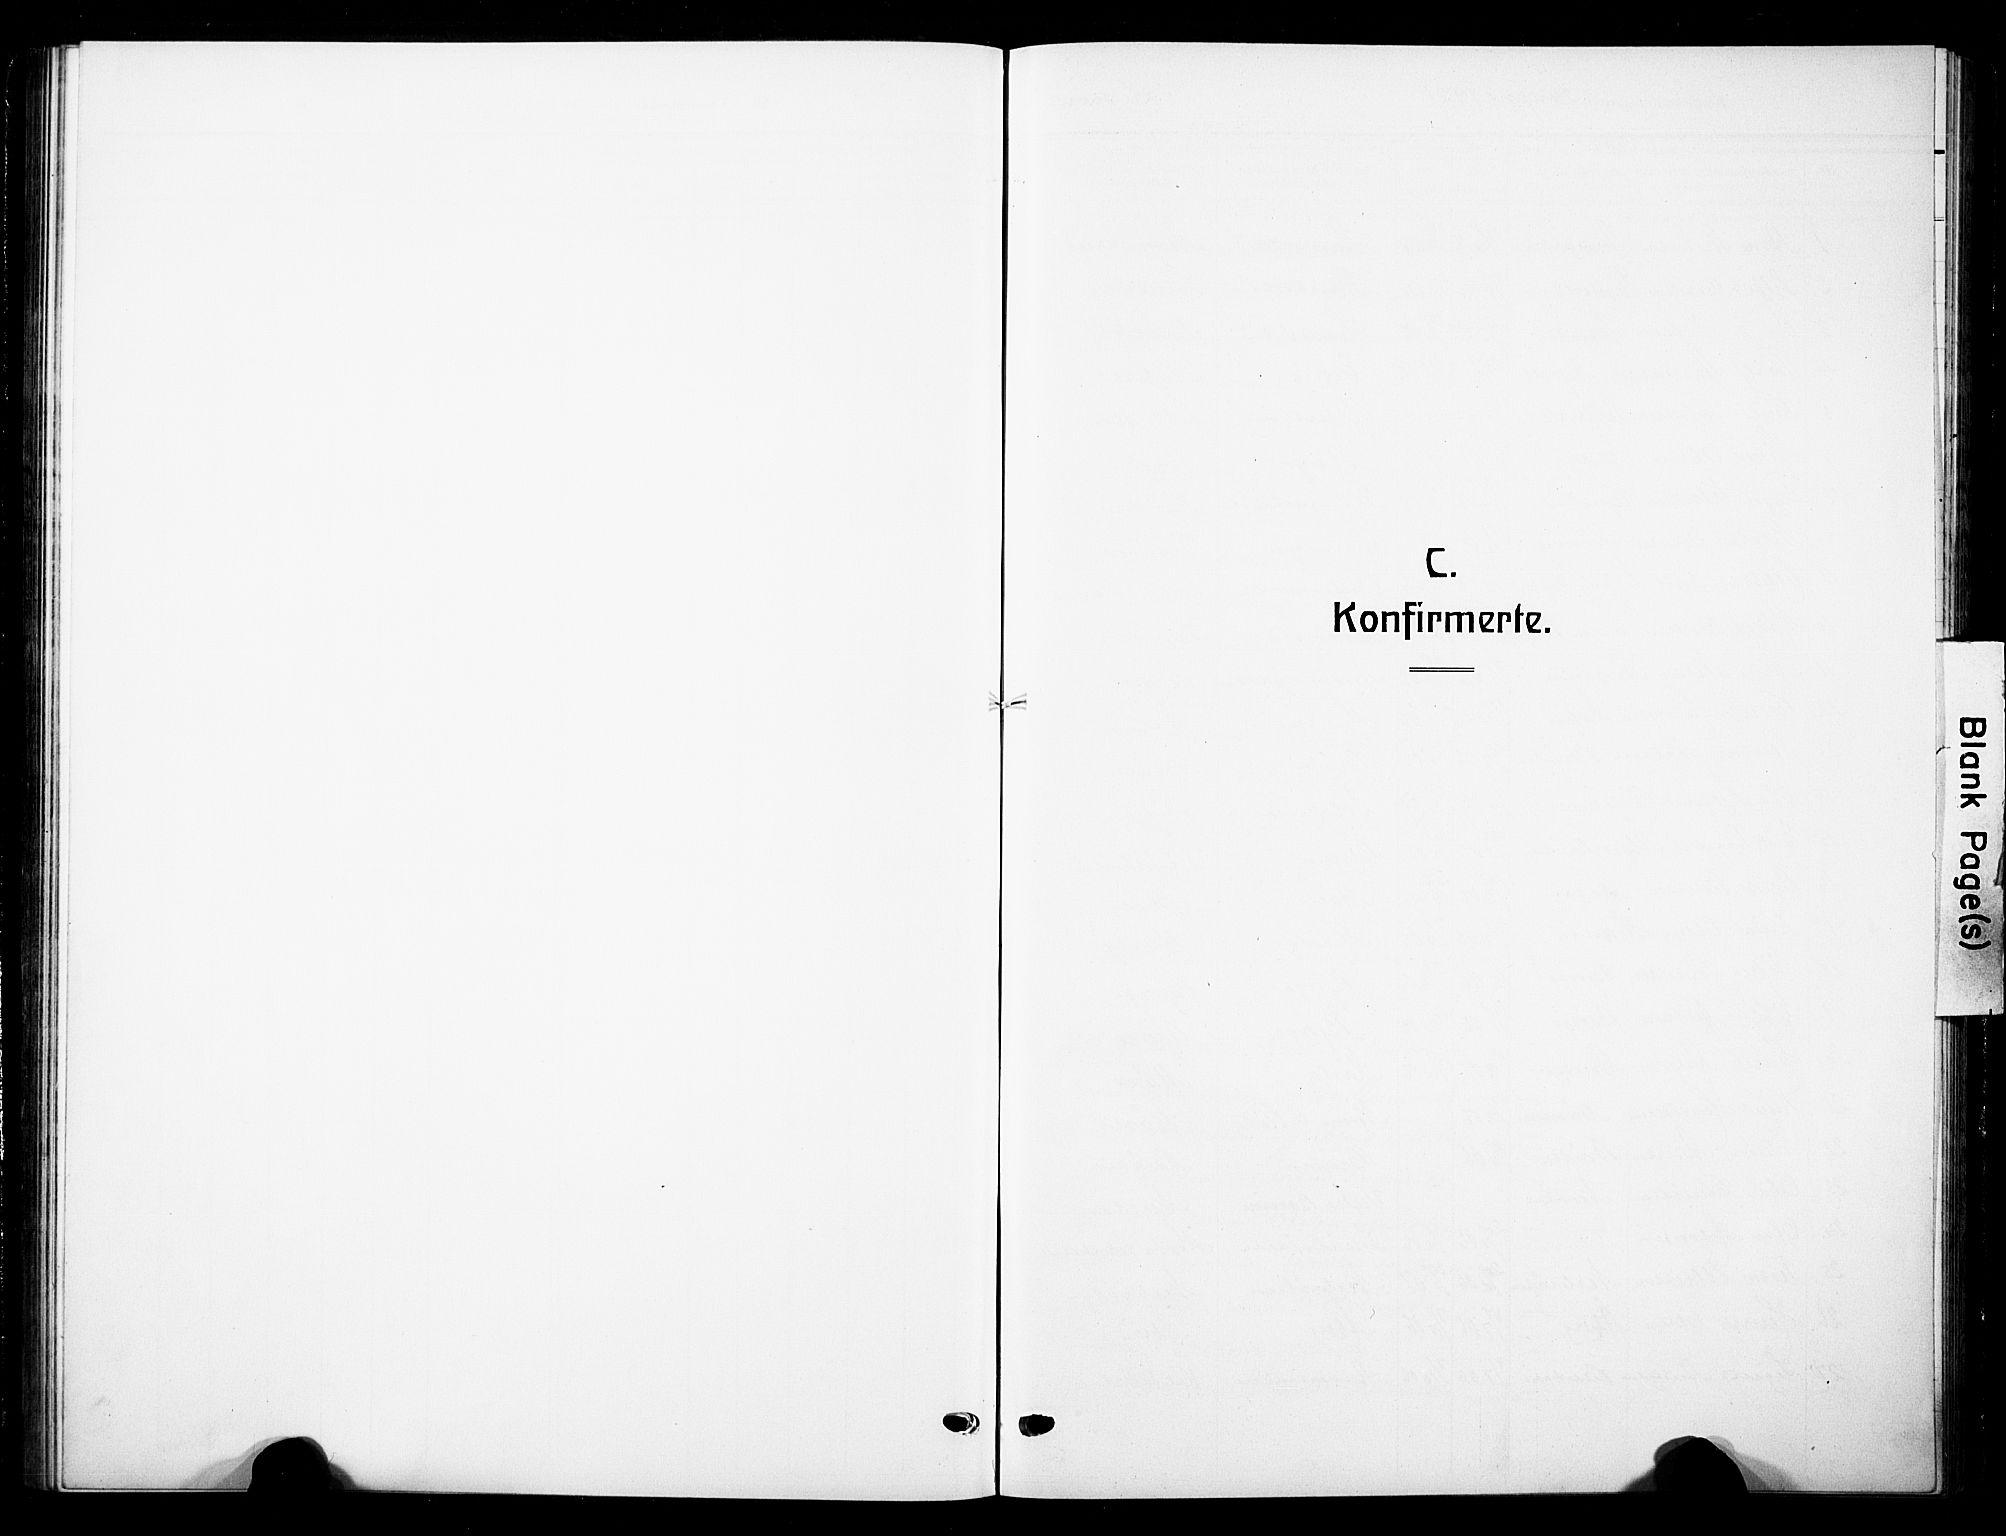 SAH, Nord-Aurdal prestekontor, Klokkerbok nr. 16, 1920-1932